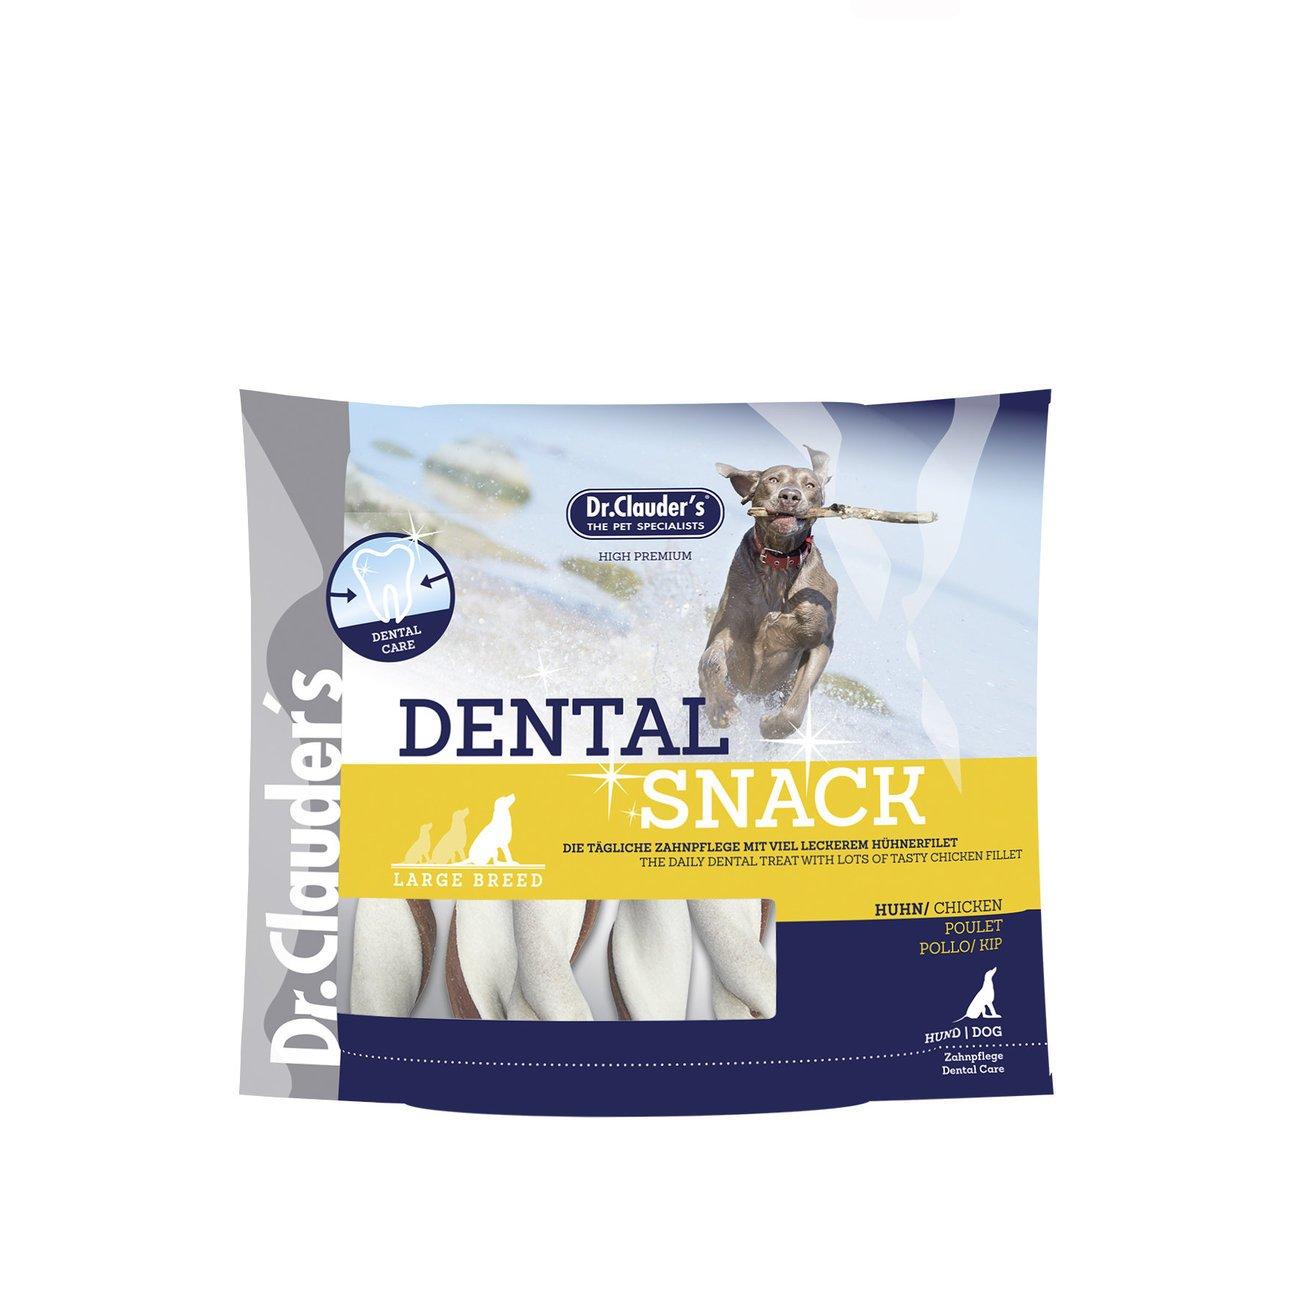 Dr. Clauders Hunde Dental Snack, Bild 3